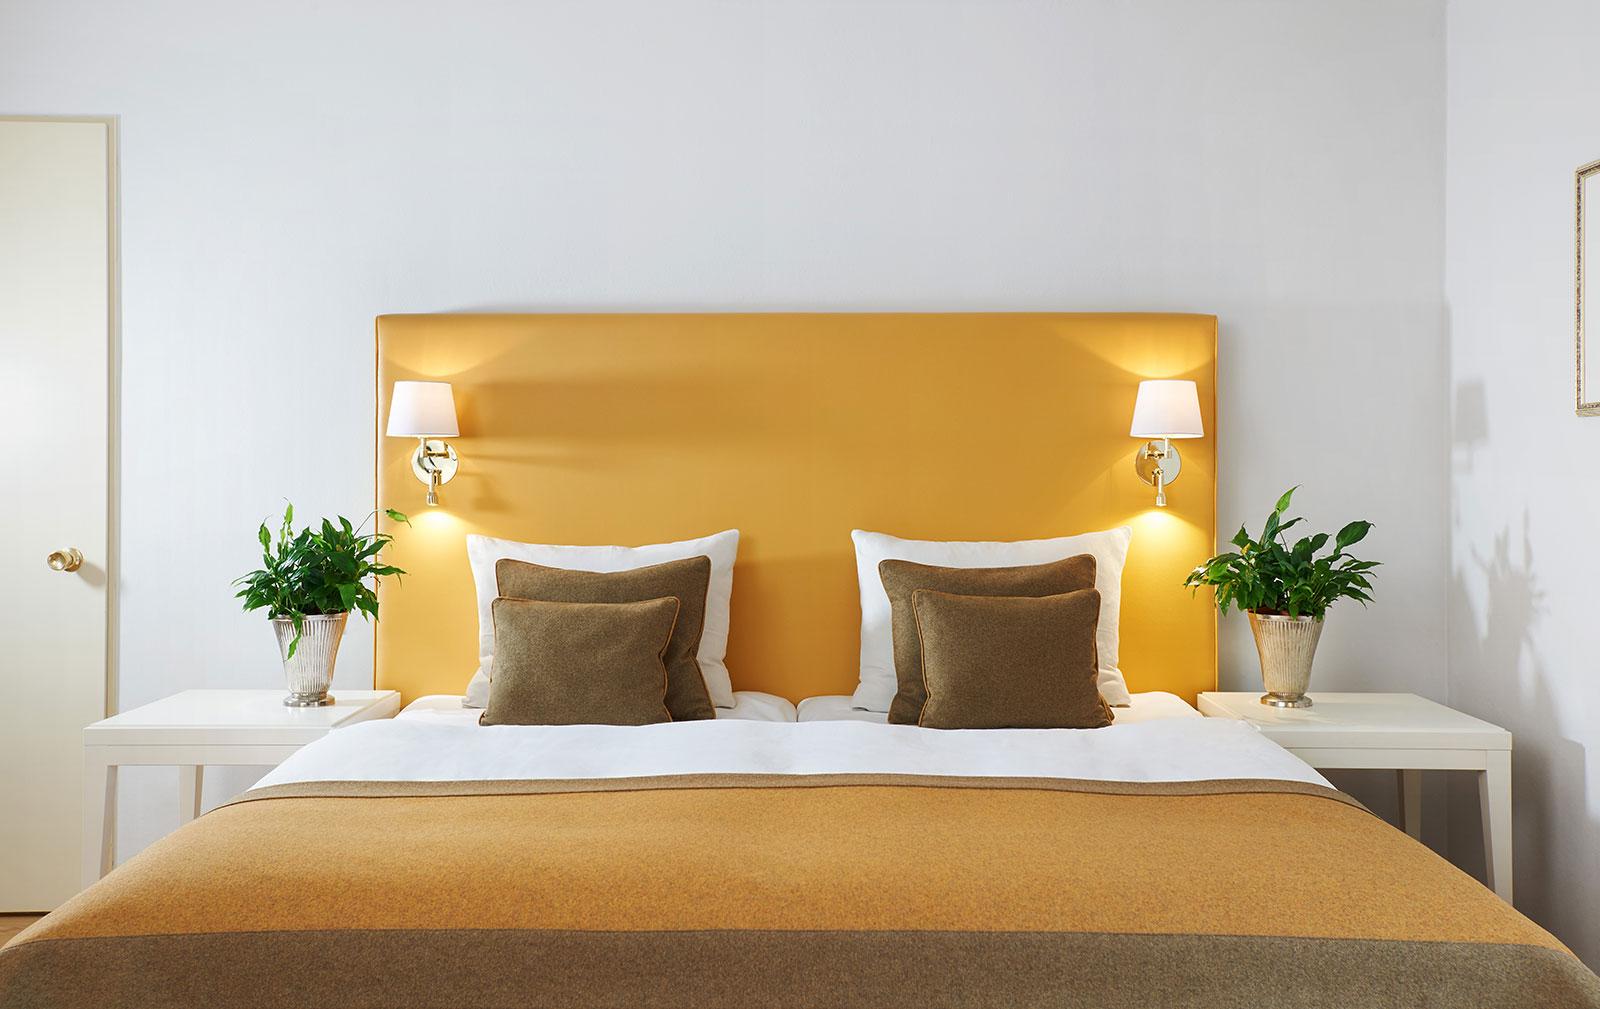 Doppelzimmer gelb Parkettboden